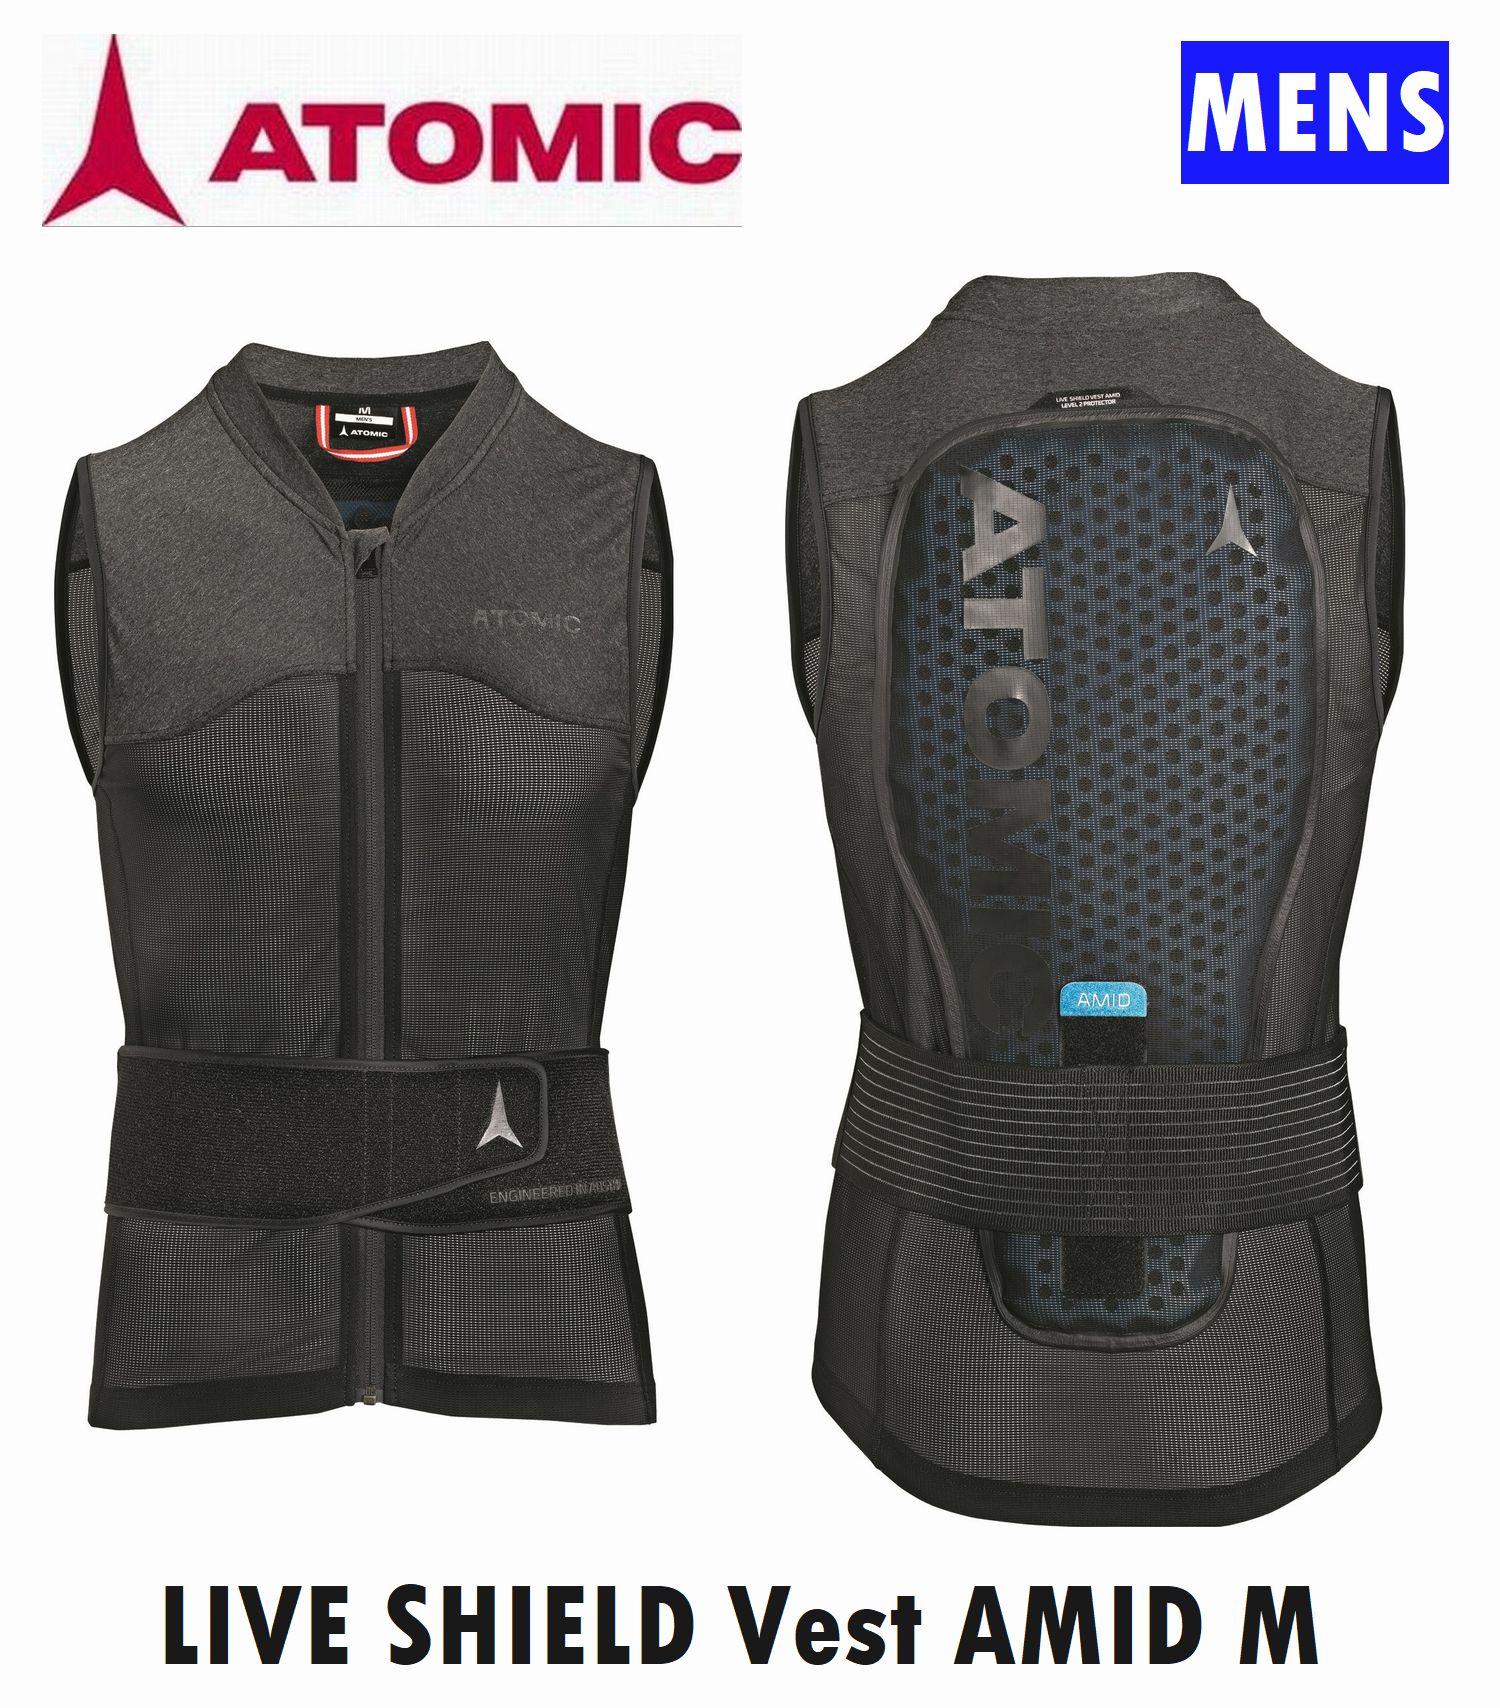 2021 送料無料新品 アトミック アミッドプロテクター メンズ 男性用 ATOMIC LIVE SHIELD MEN AMID 安心の定価販売 脊髄プロテク アミッド プロテクター Vest ライブシールドベスト ベスト